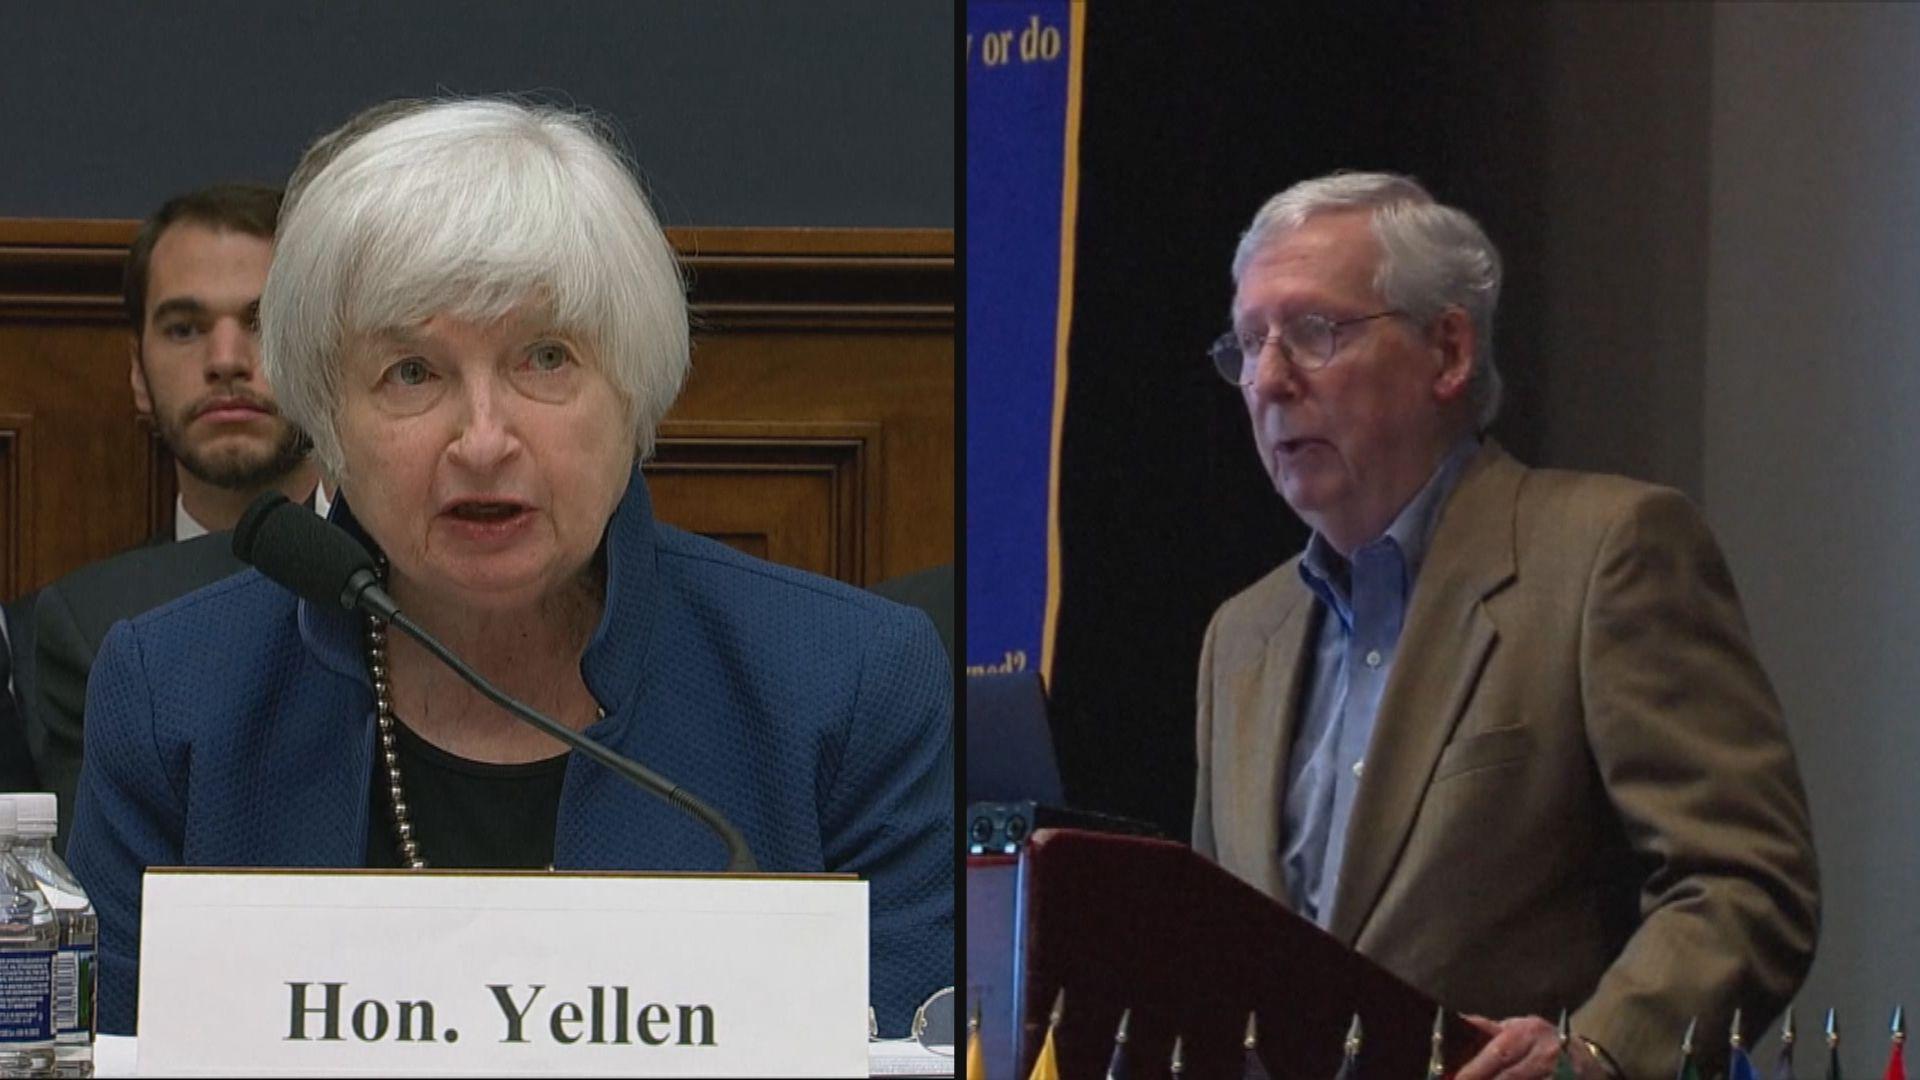 耶倫致電麥康奈爾尋求共和黨支持提高債務上限 惟遭到拒絕